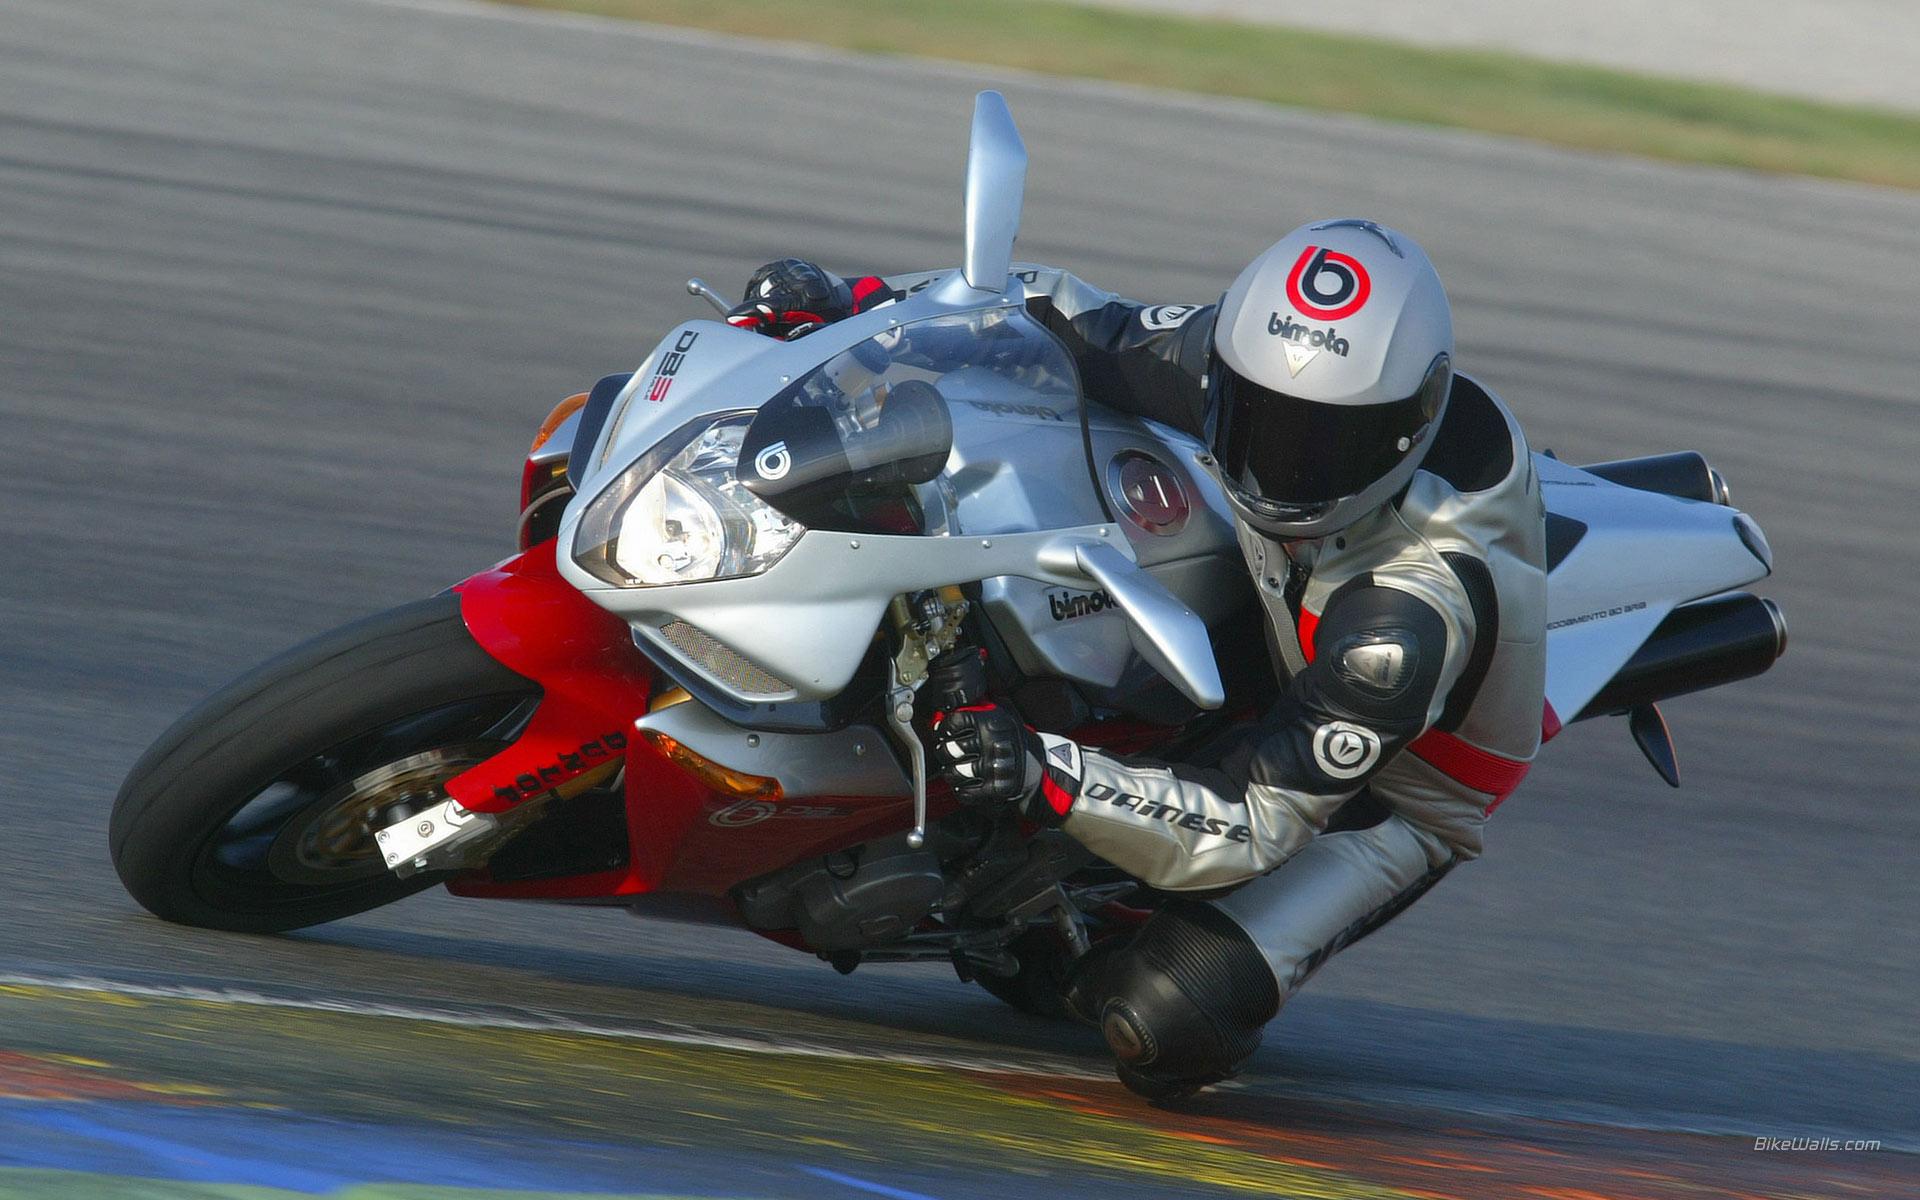 Bimota 1000 DB5 2006 - 23